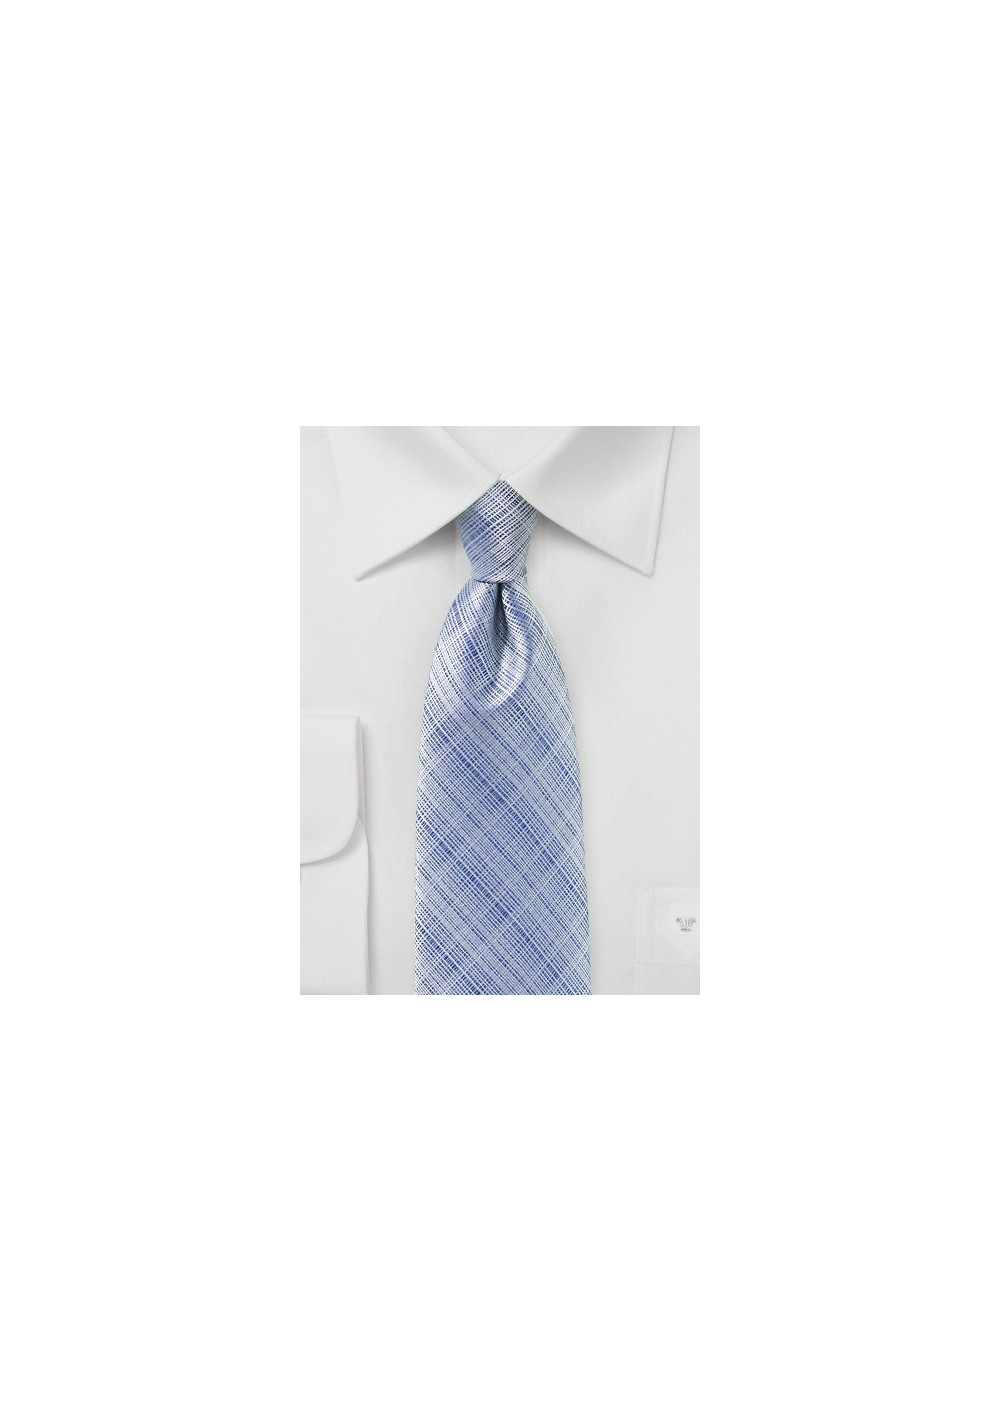 Textured Mens Tie in Kentucky Blue